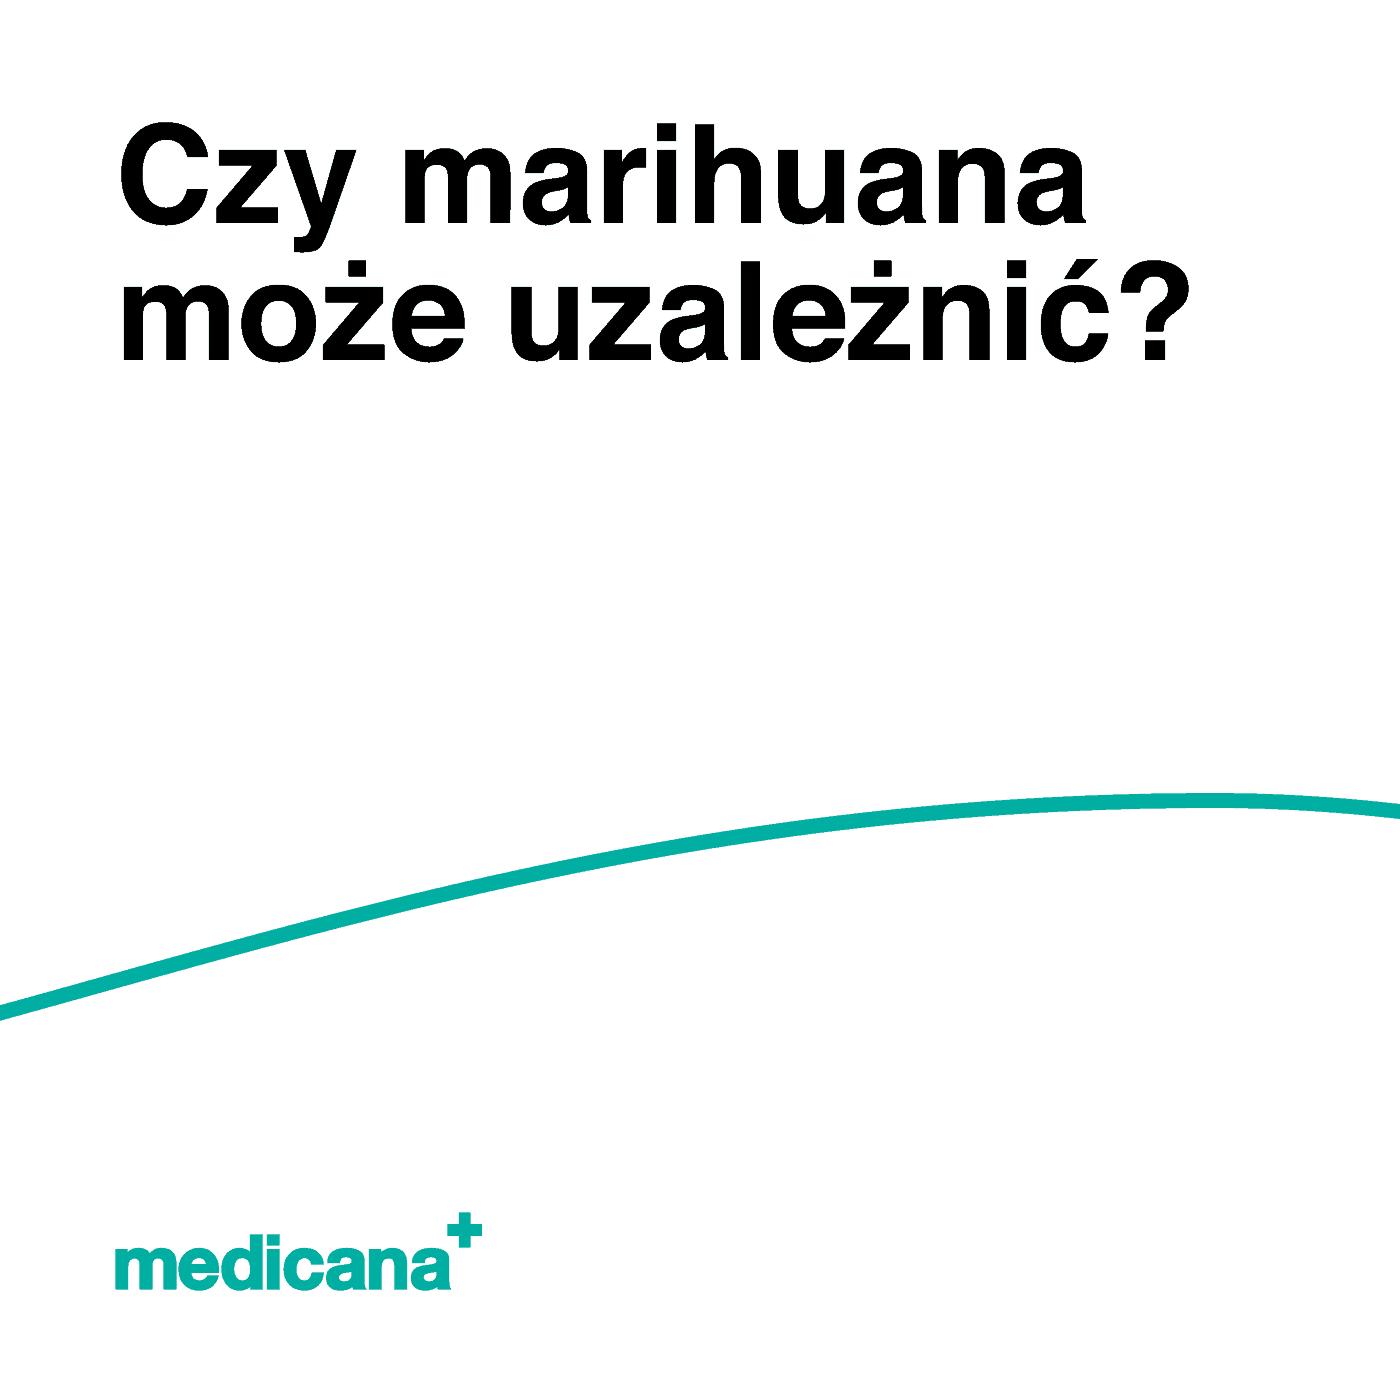 """Grafika, na białym tle czarny napis """"Czy marihuana może uzależnić?"""" oraz zieloną linią na dole i zielonym logo medicana w lewym dolnym rogu."""